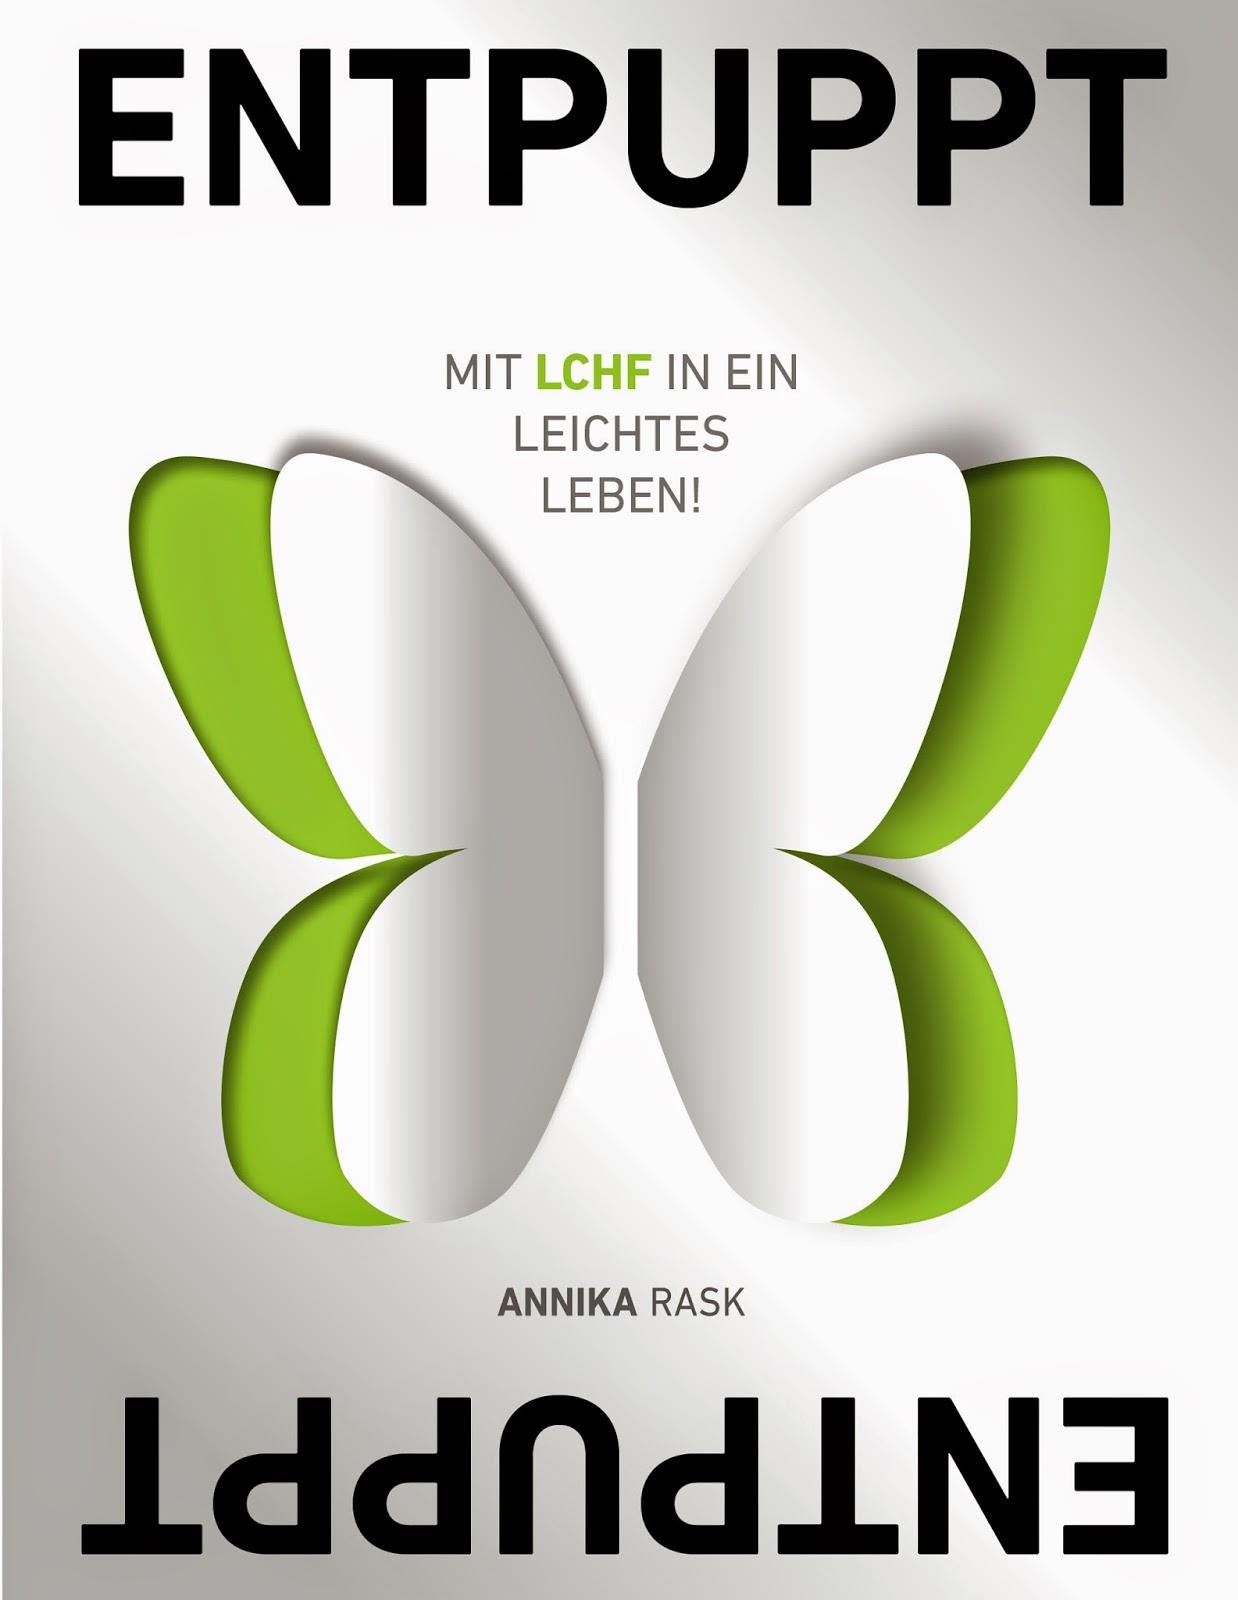 Entpuppt - Mein LCHF Buch